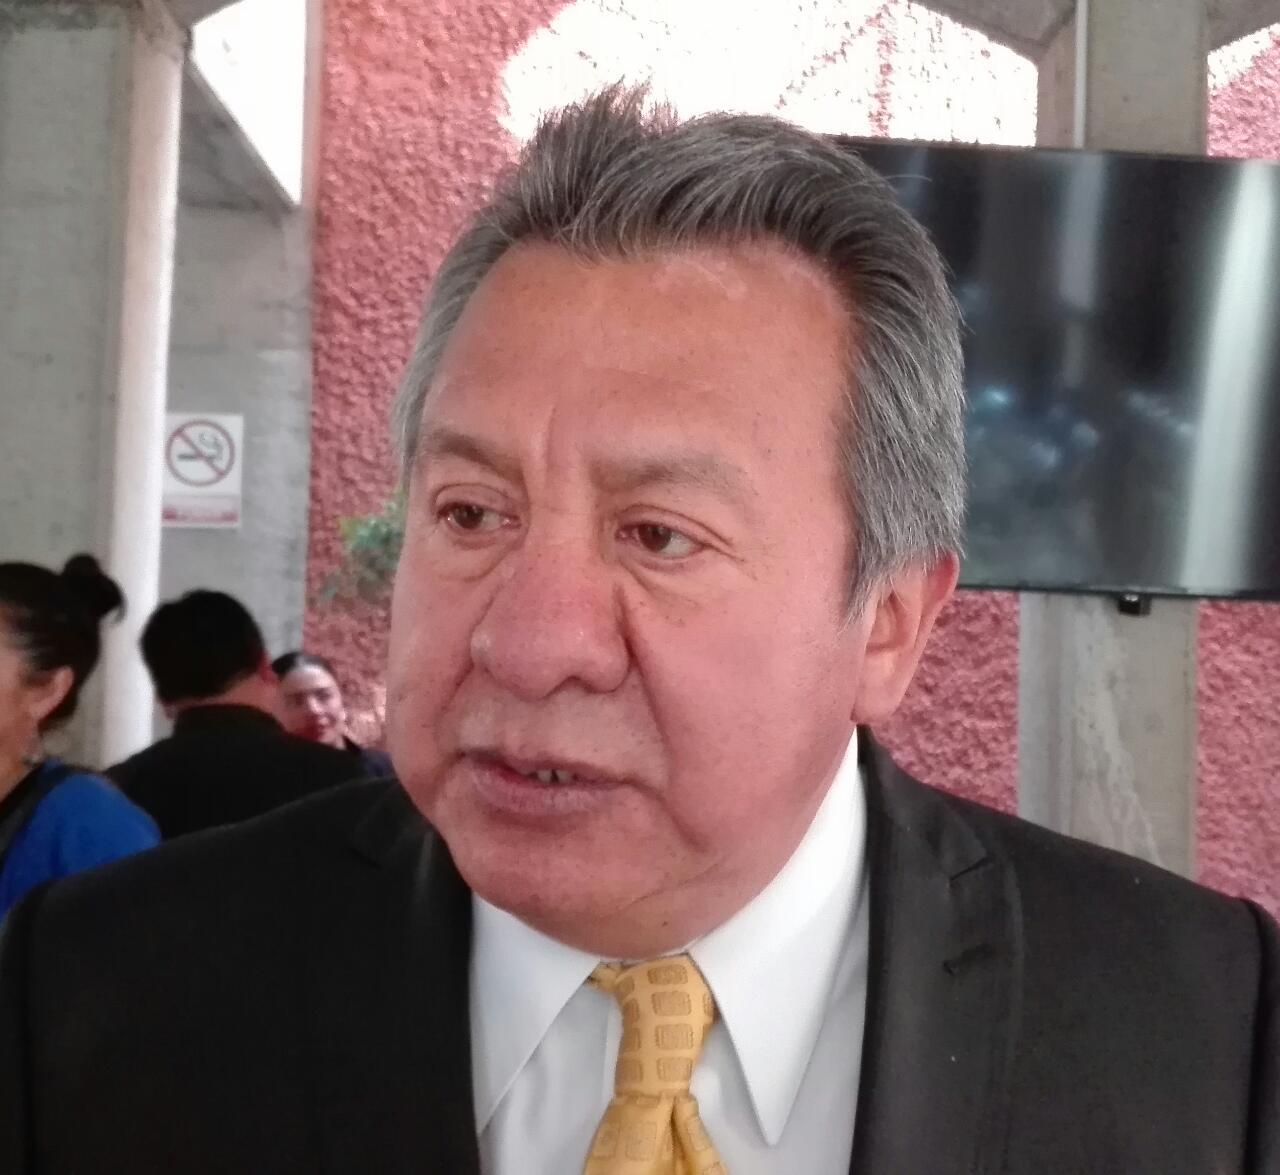 Ejecutivo local podría regresar 2 millones de pesos: Amaro